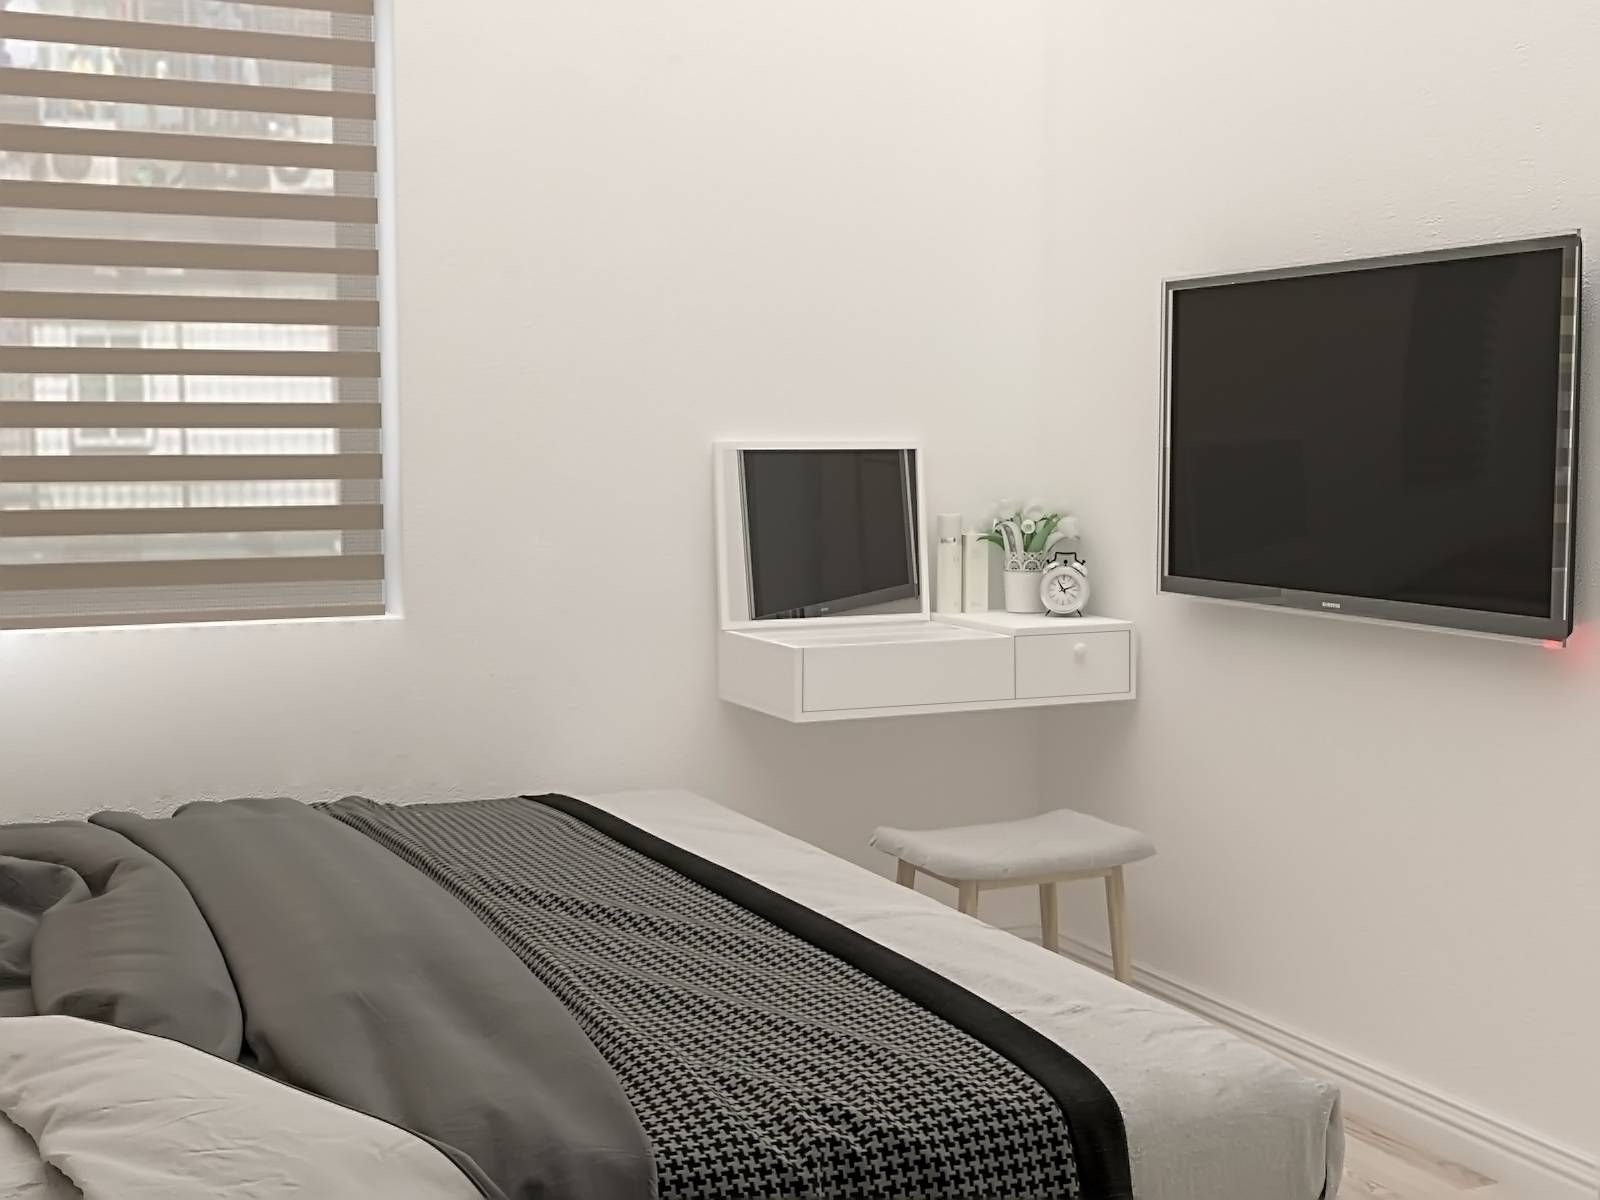 Tư vấn thiết kế cải tạo căn hộ tập thể 50m² với tổng chi phí 180 triệu đồng - Ảnh 12.